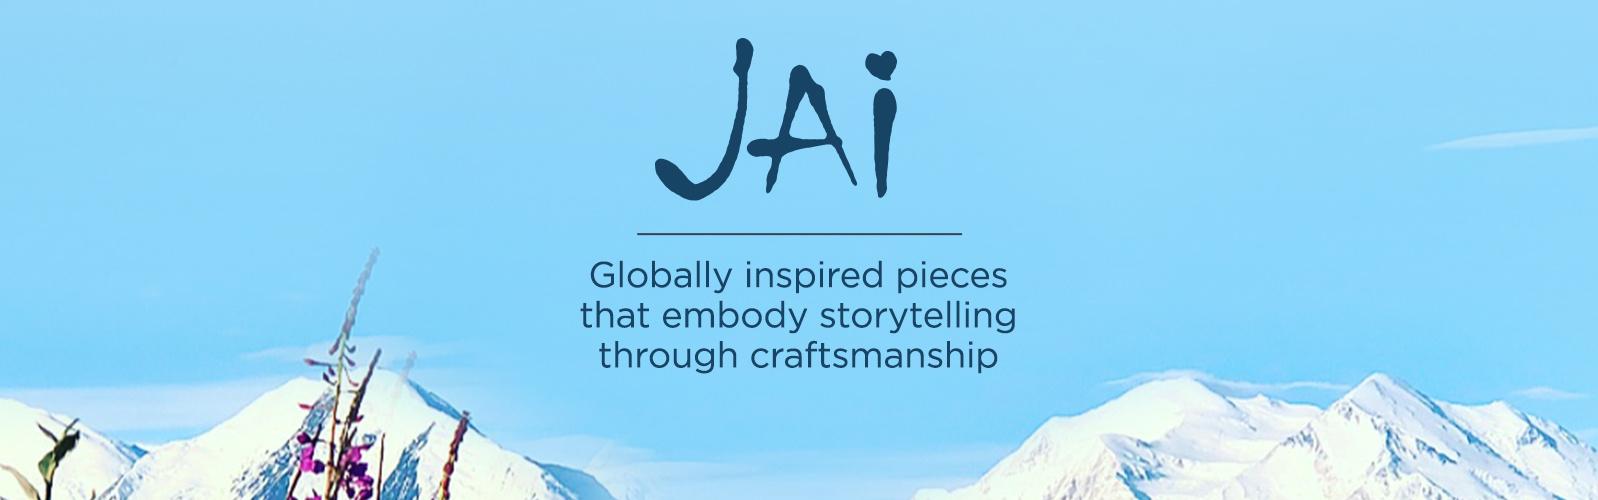 JAI.  Globally inspired pieces that embody storytelling through craftsmanship.